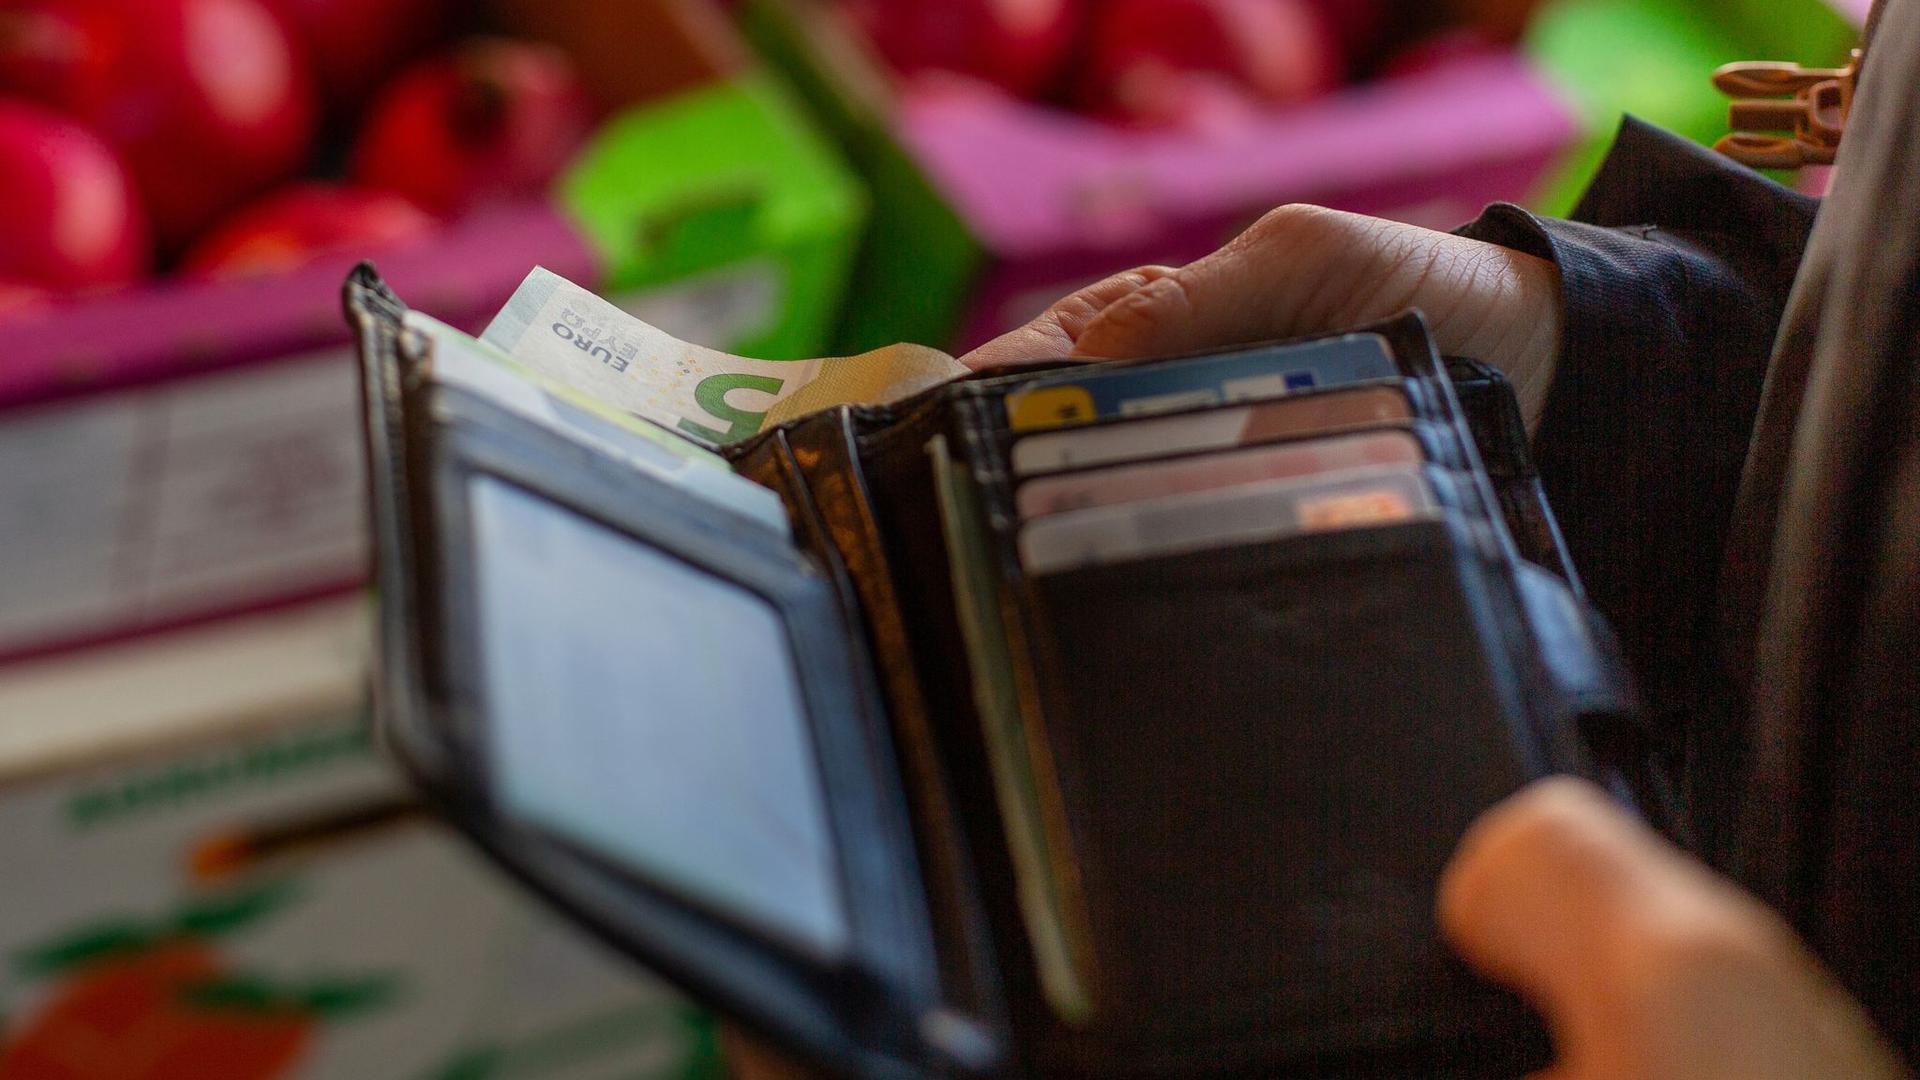 Die EU-Kommission will im Sommer ein Paket von Gesetzesvorschlägen zur Bekämpfung der Geldwäsche vorlegen.